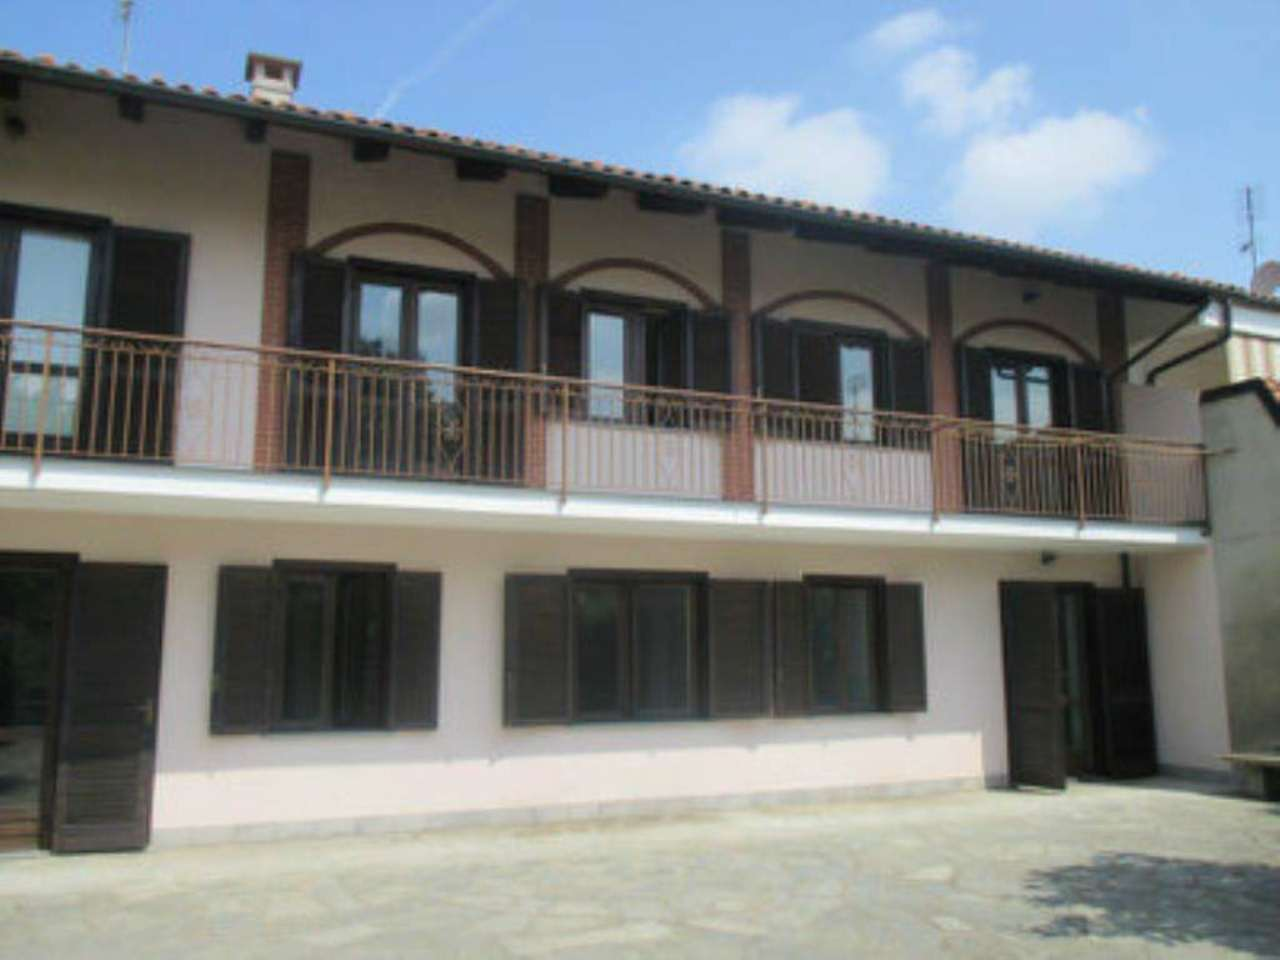 Rustico / Casale in vendita a Chivasso, 7 locali, prezzo € 340.000 | Cambio Casa.it